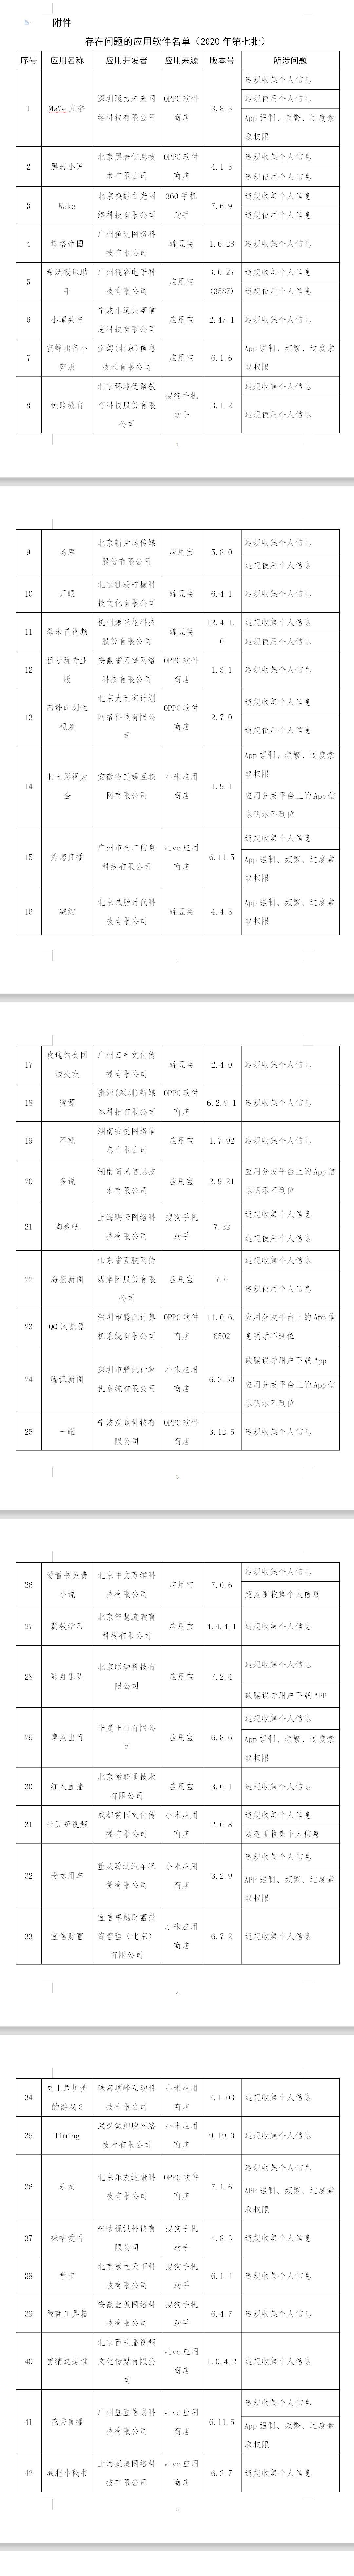 工信部发布侵害用户权益行为的App 腾讯新闻京东在列